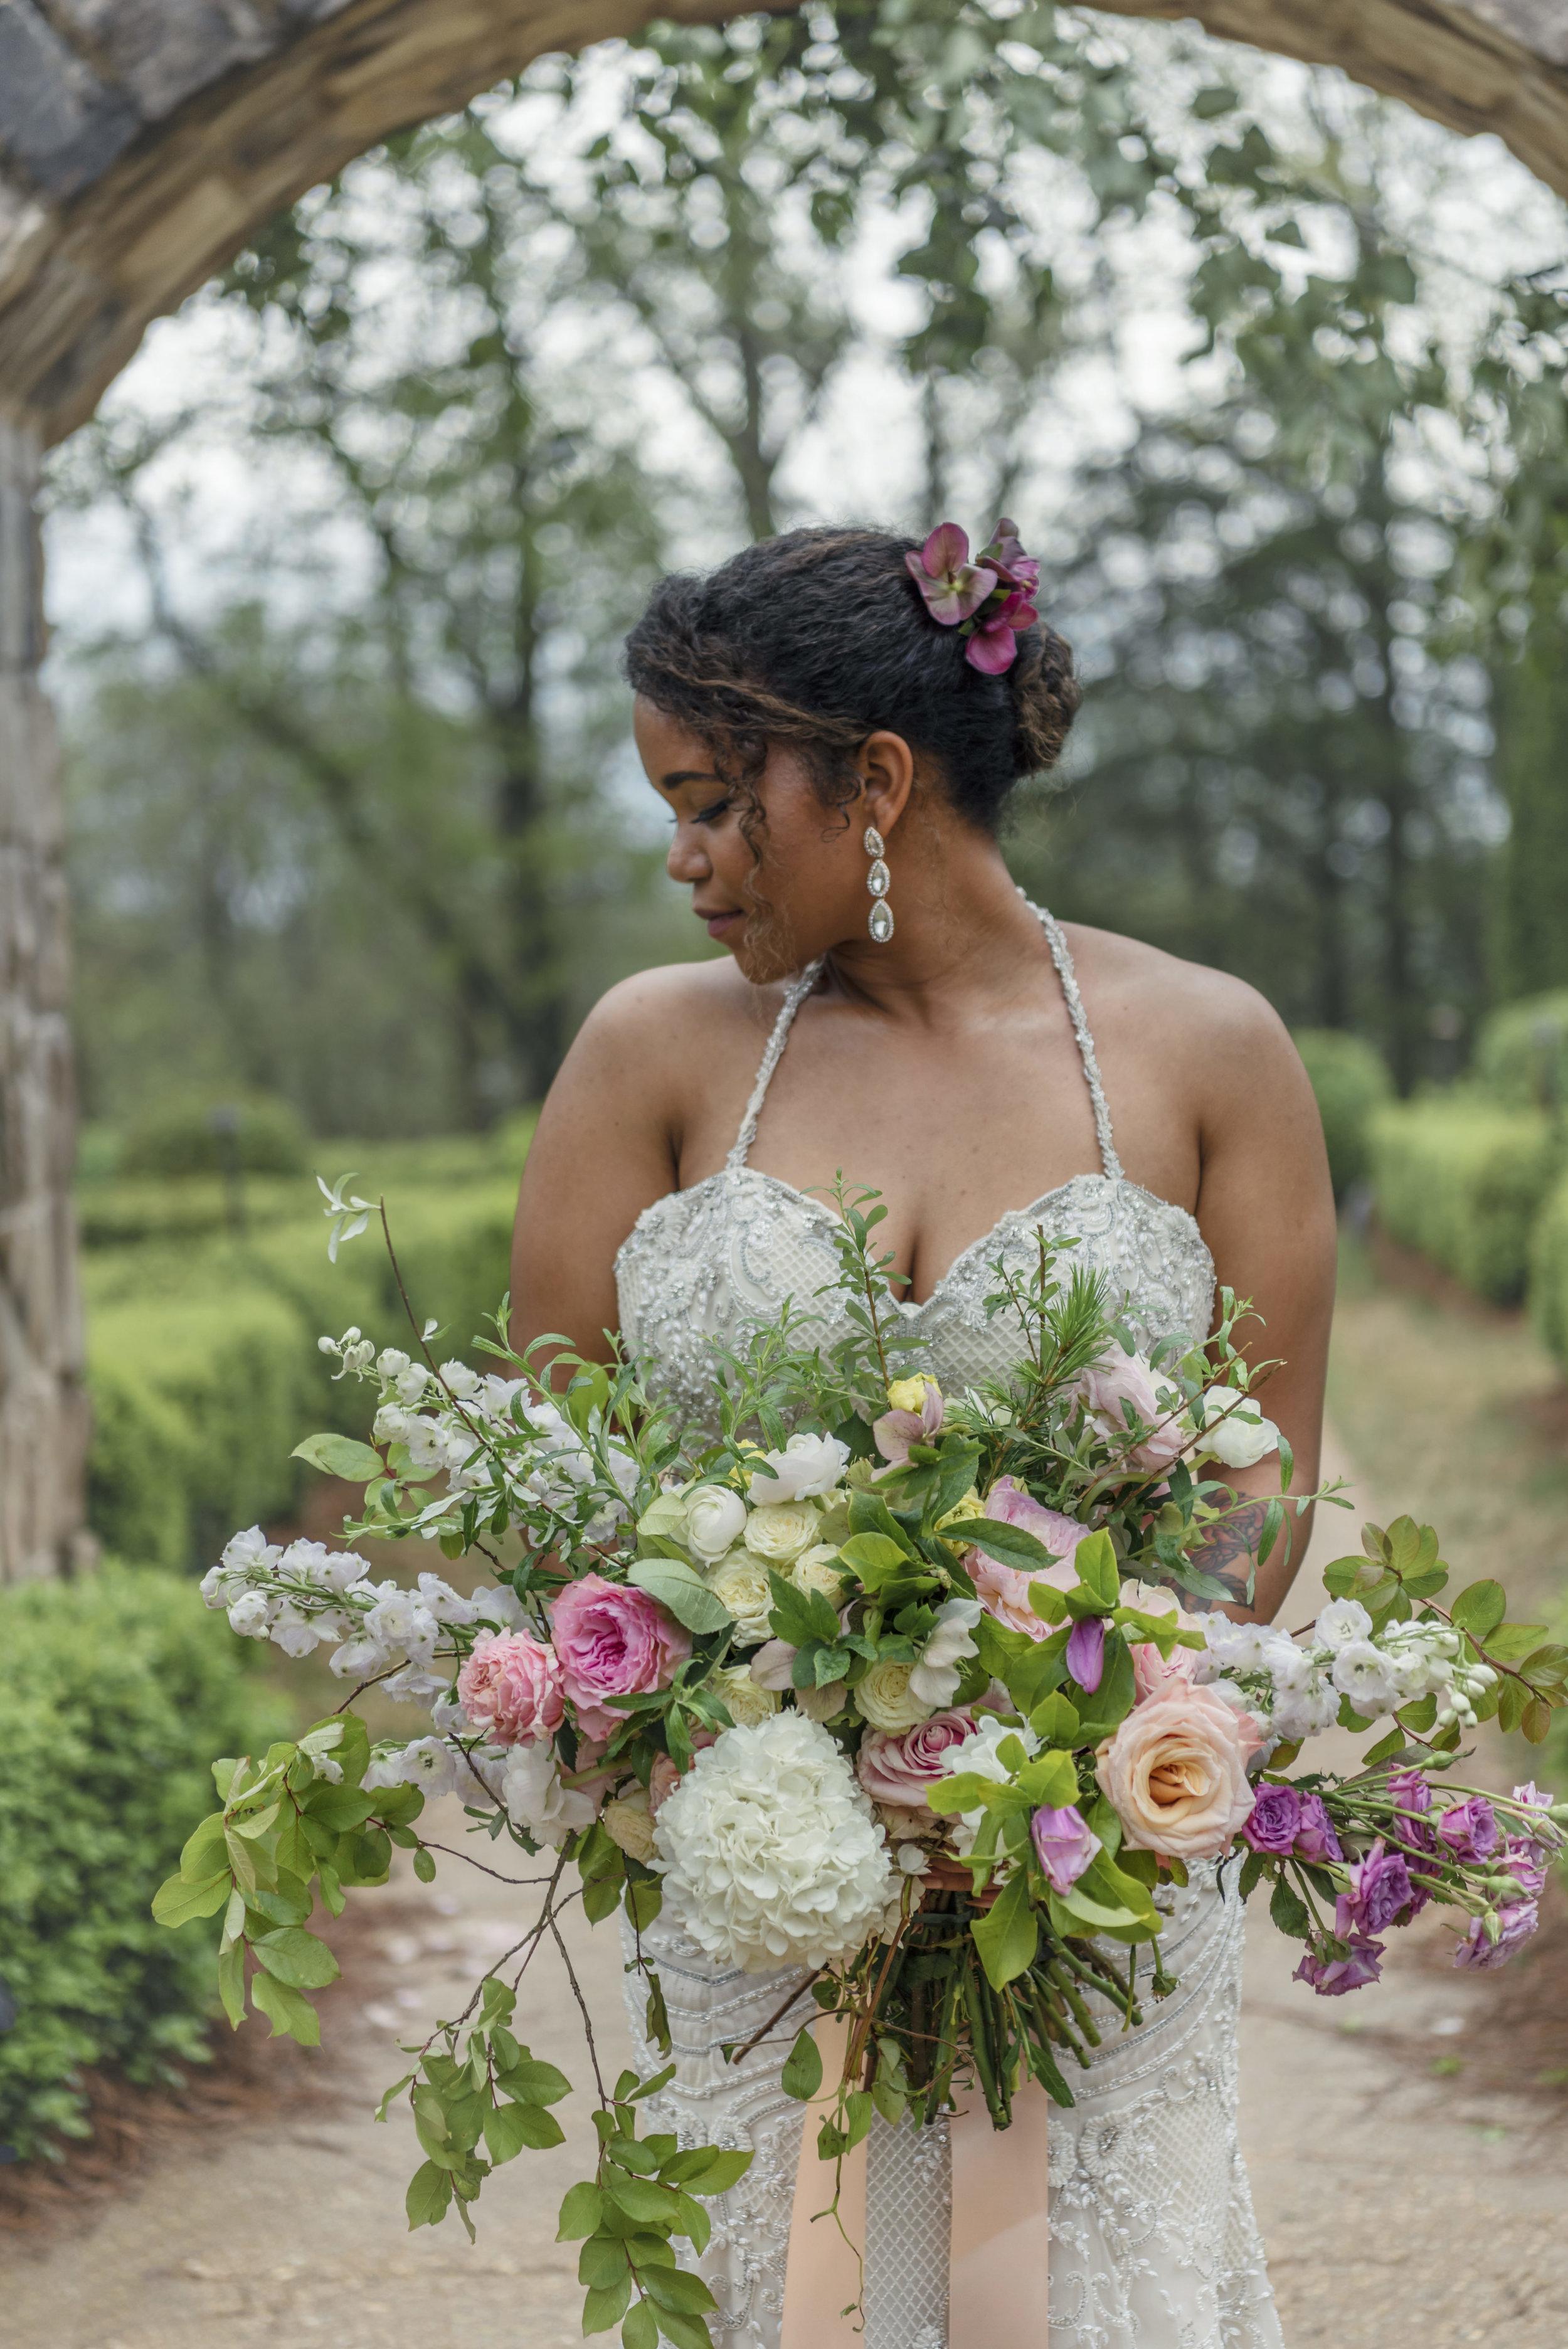 Wedding & style inspiration